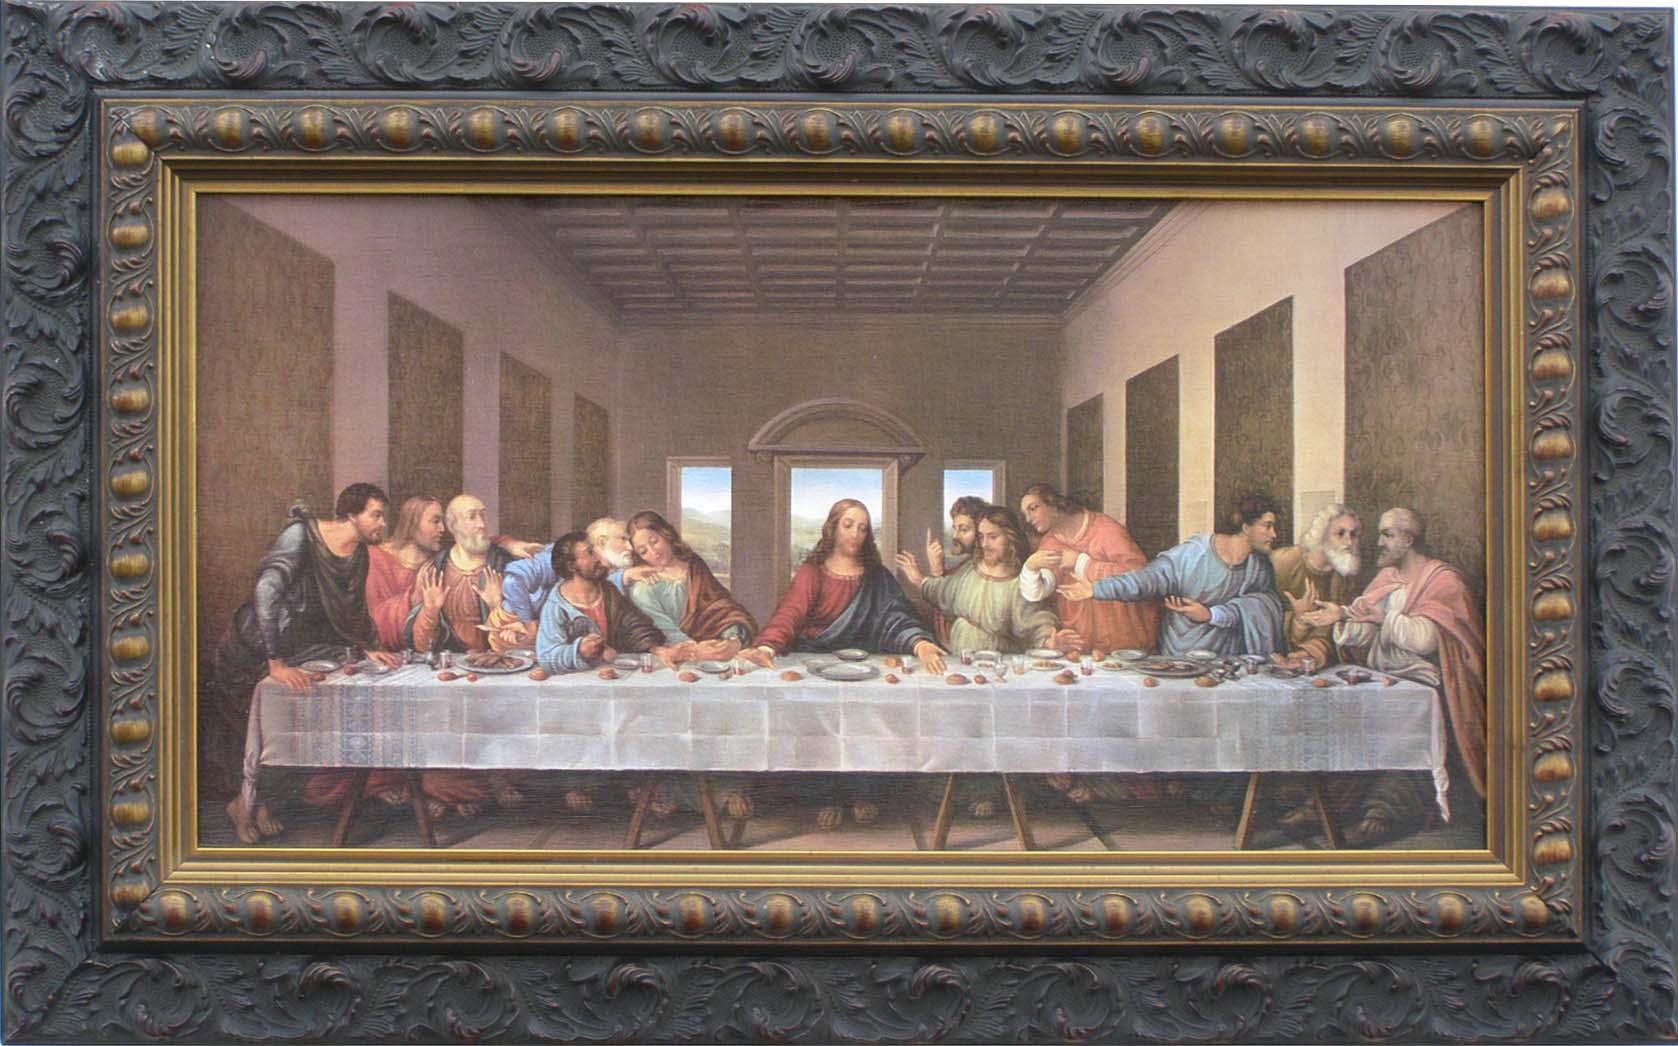 Da Vinci * Last Supper * Custom Framed Canvas Replica | eBay Da Vinci Last Supper High Resolution